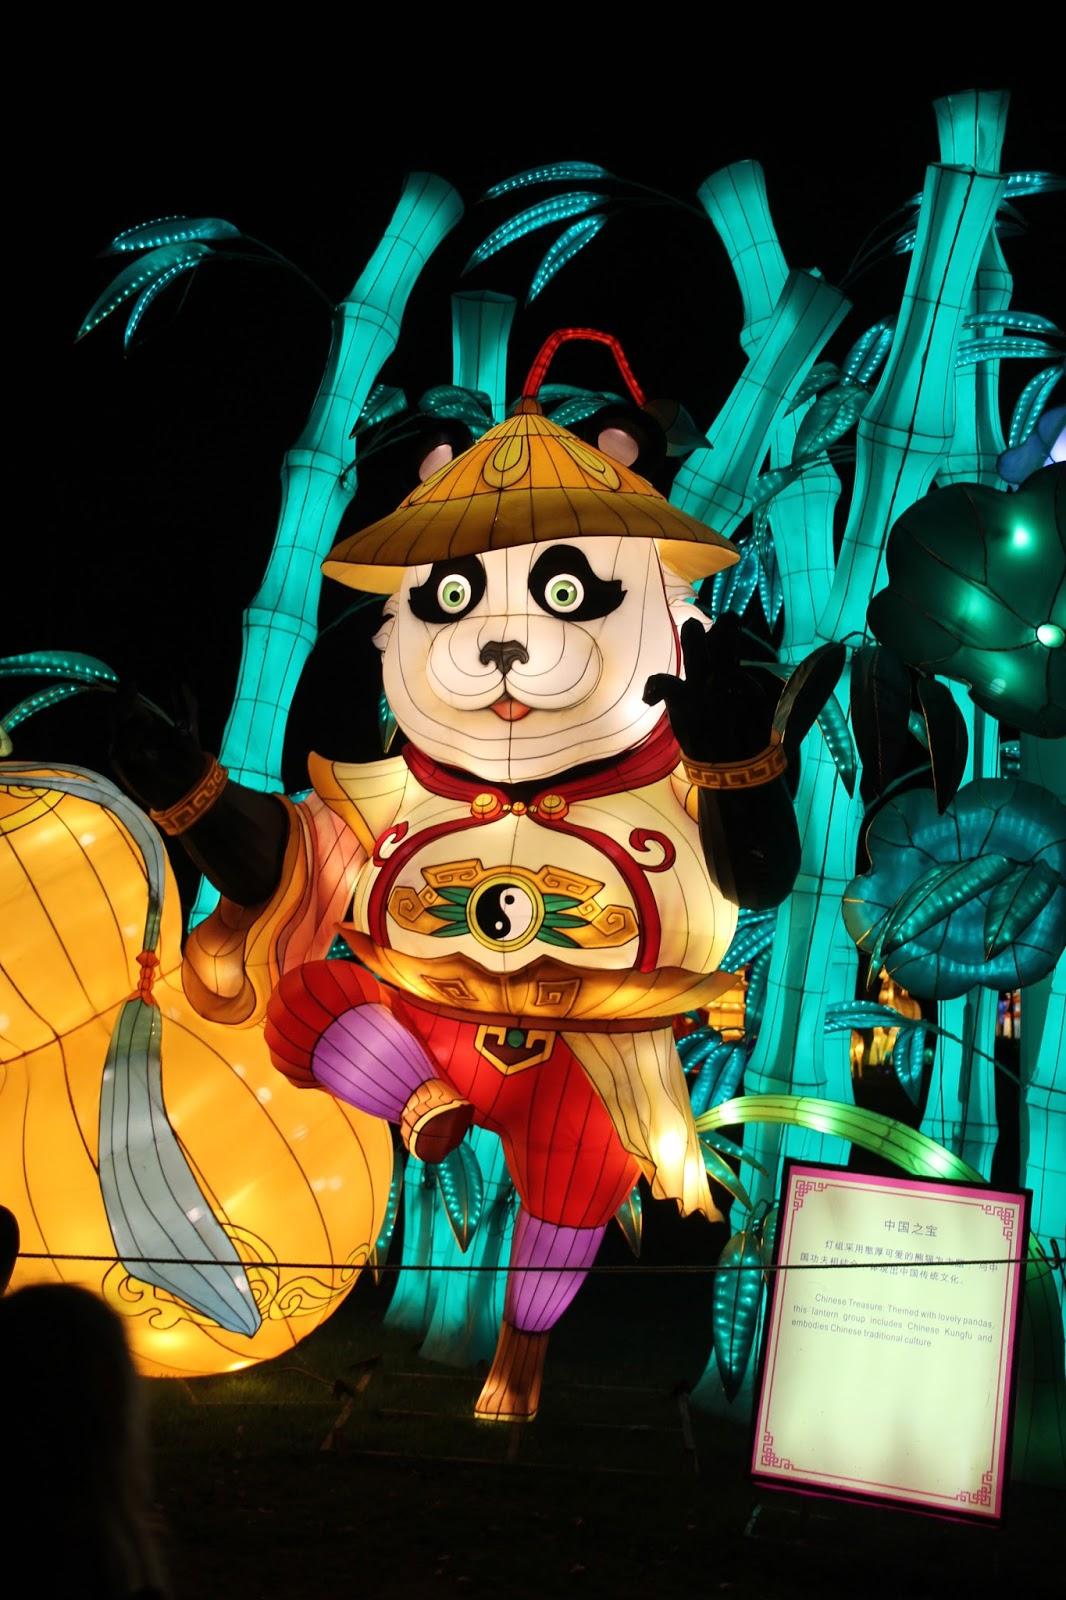 magic lantern かなり参考になります。近々試してみたいと思います。 他にもmagic lanternの機能を使ったすごい映像はこちら.